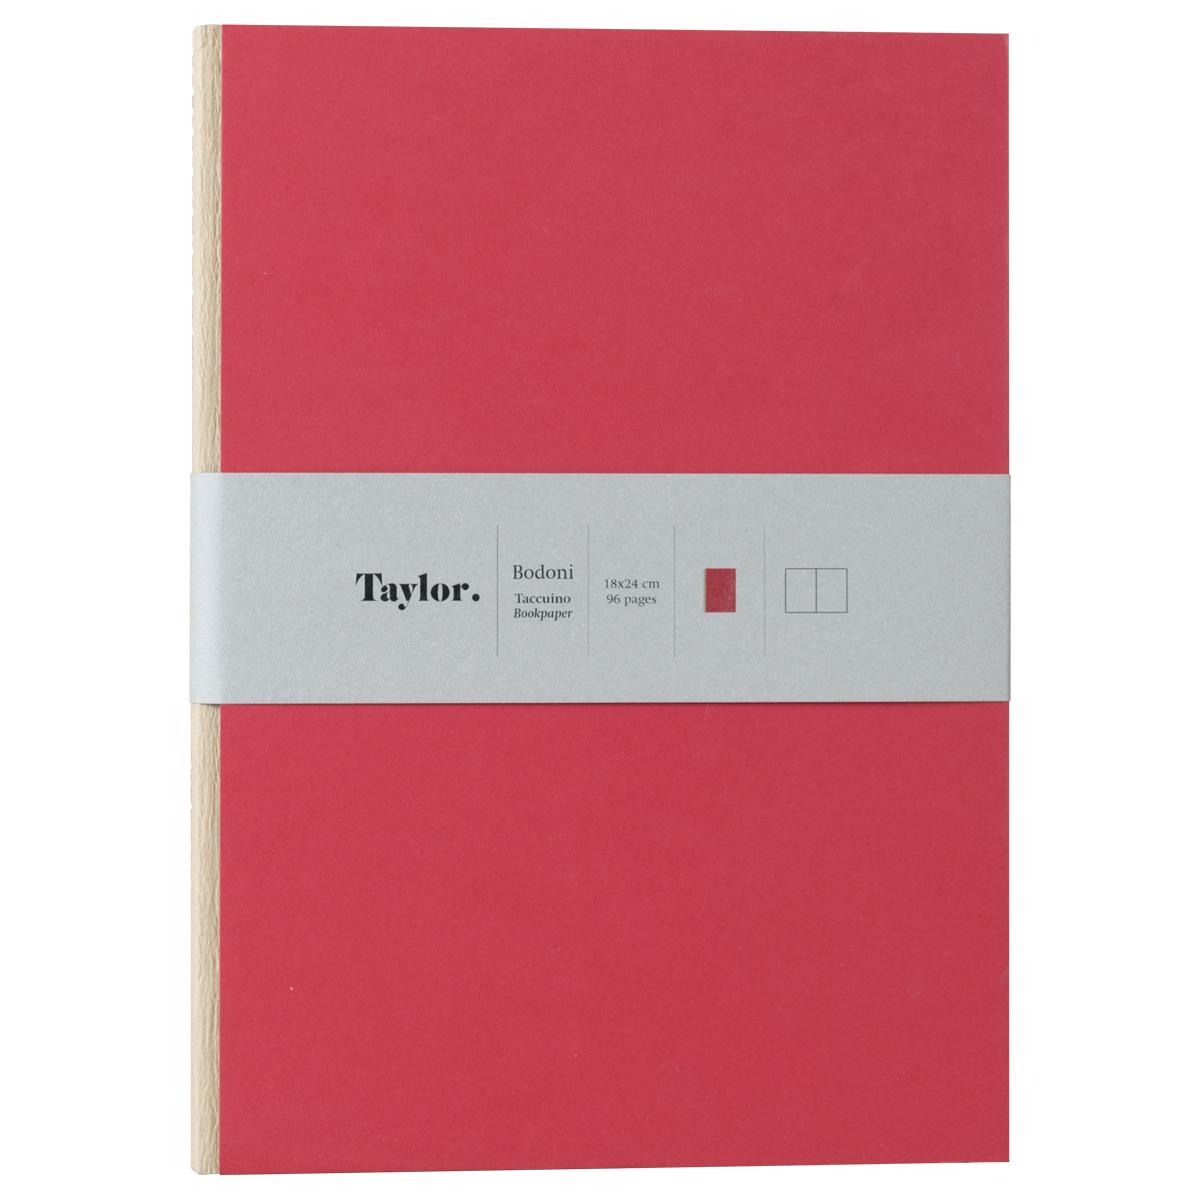 Taccuino grande pagine bianche Taylor Bodoni